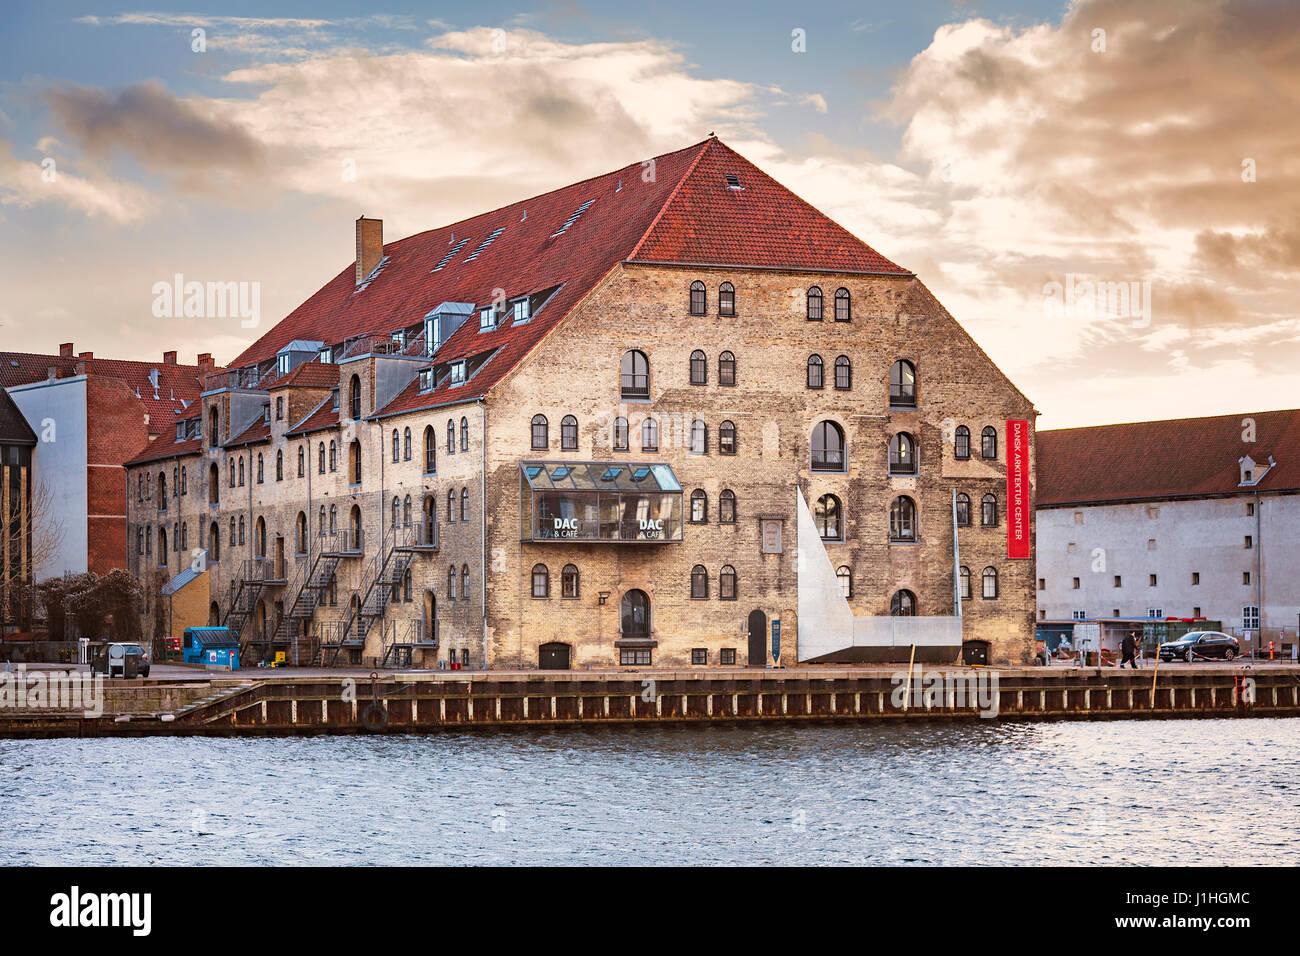 KOPENHAGEN, DÄNEMARK - 24. DEZEMBER 2016. Das dänische Architektur-Zentrum, das in einem restaurierten Stockbild